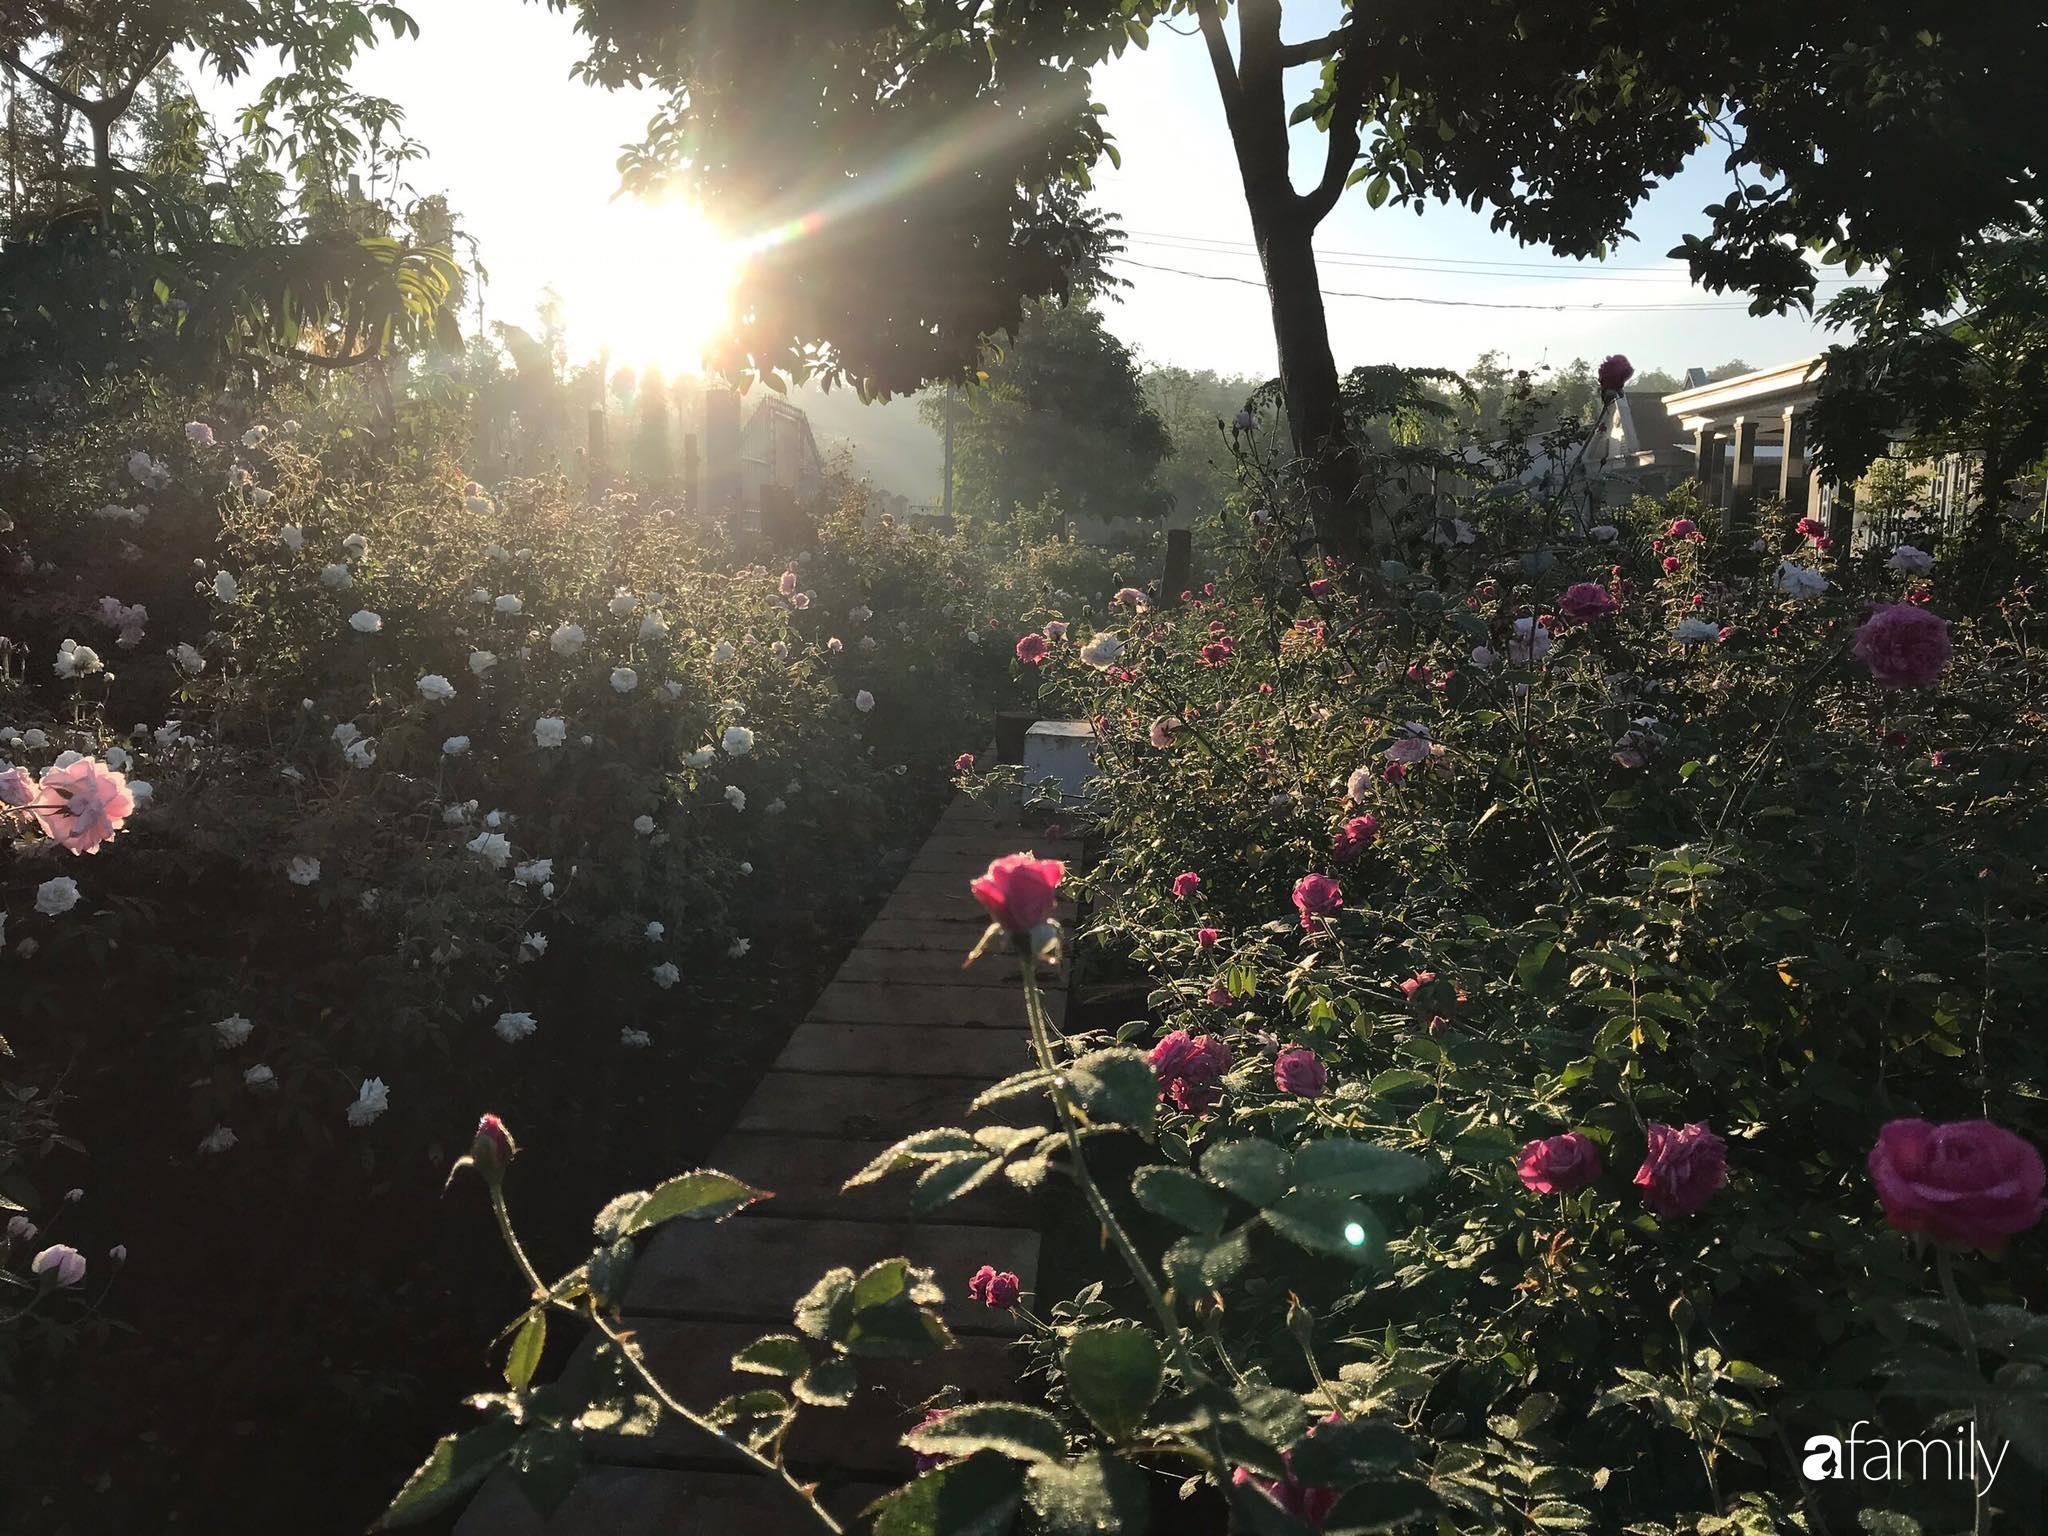 Khu vườn hoa hồng đẹp như cổ tích mà người chồng ngày đêm chăm sóc để tặng vợ con ở Vũng Tàu-21